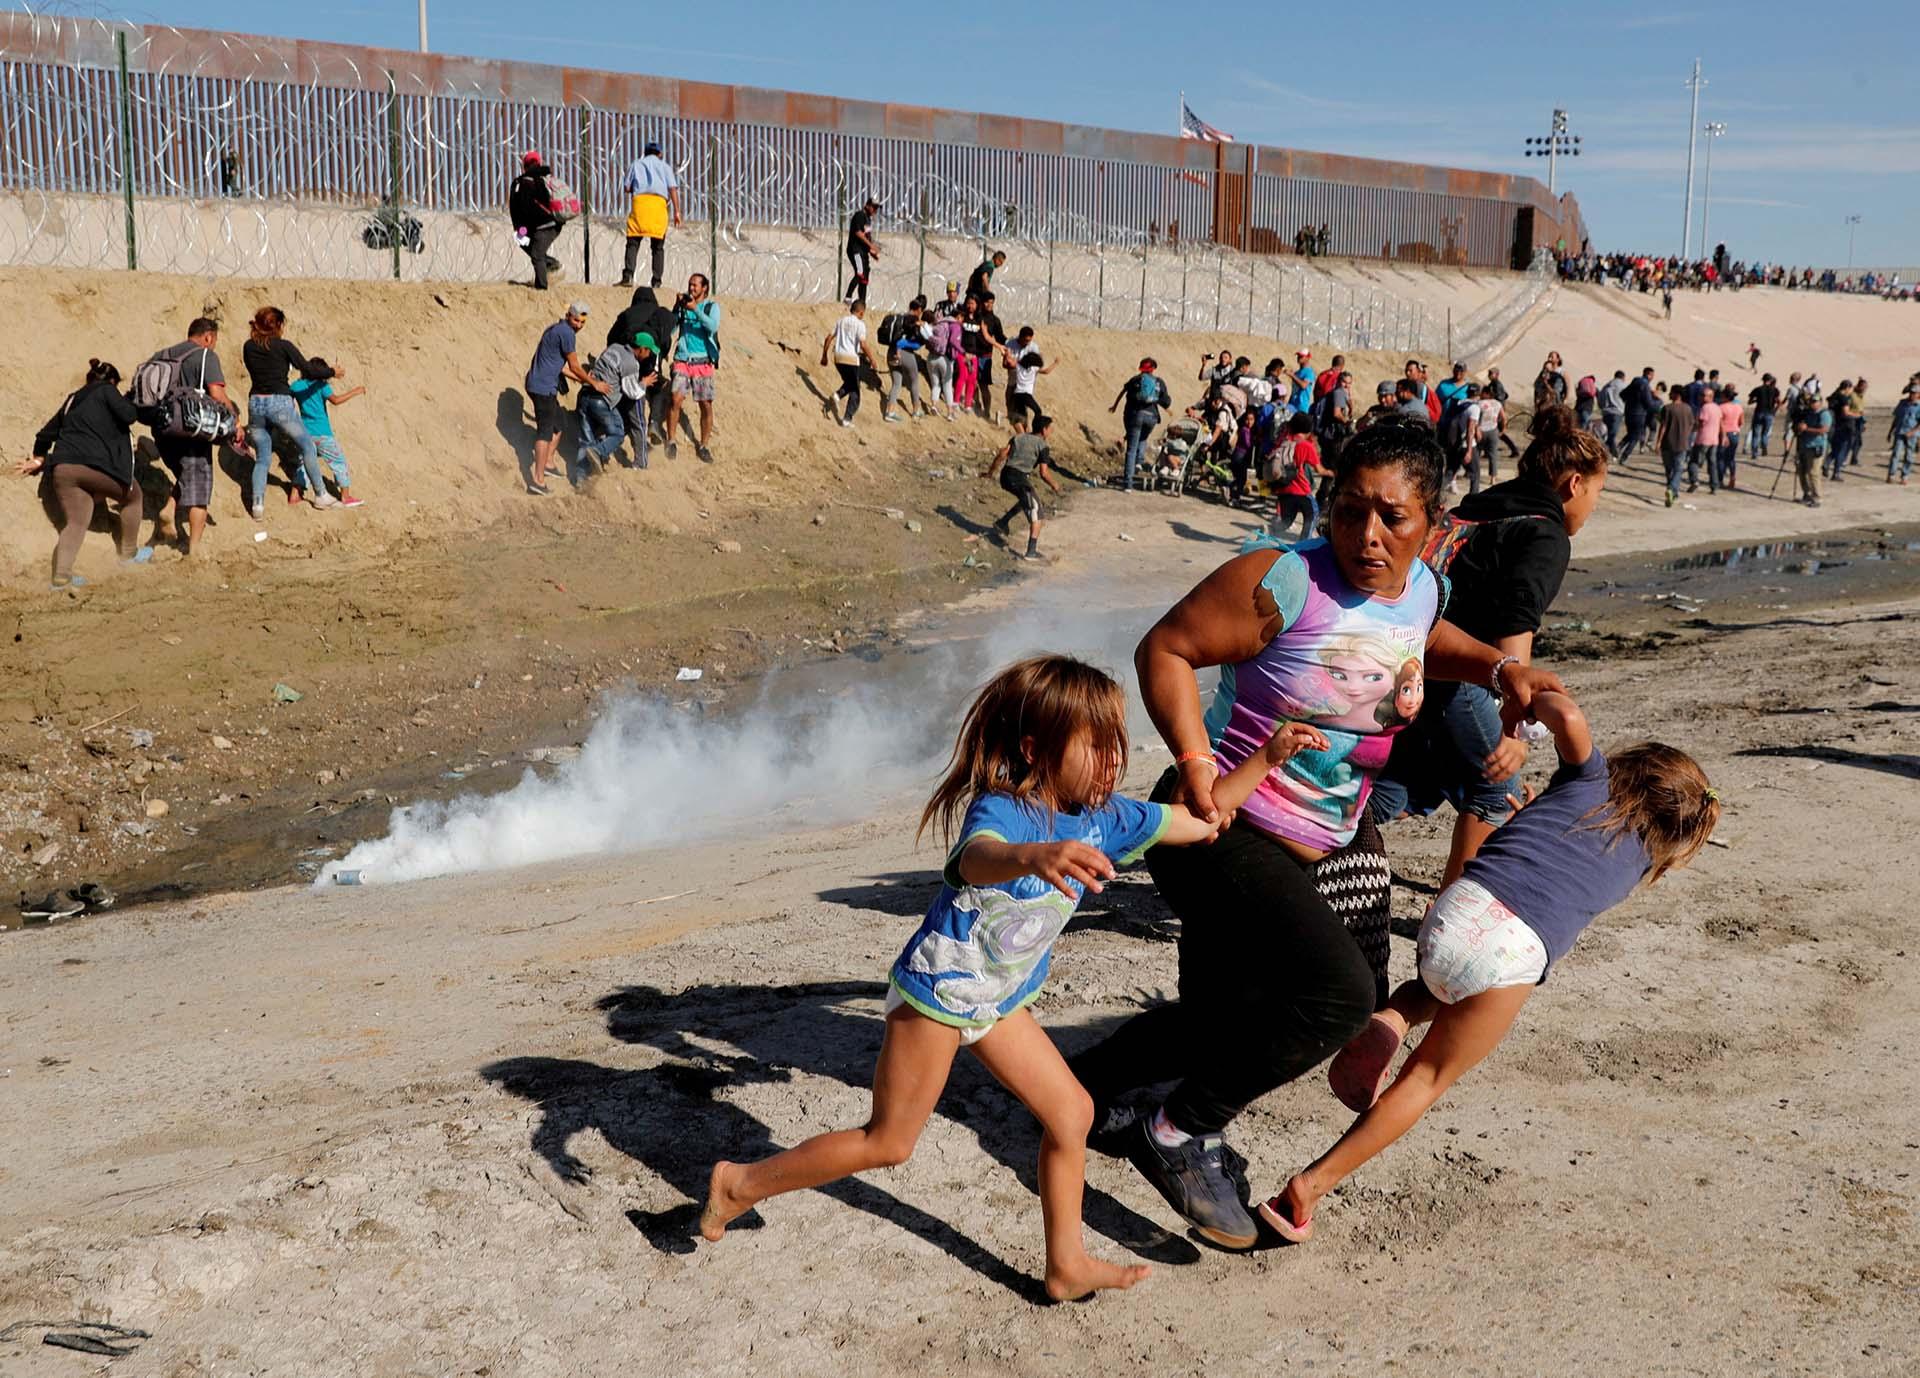 La hondureña María Meza, de 40 años, huye con sus hijas de los gases lacrimógenos lanzados por fuerzas estadounidenses contra la caravana migrante el 25 de noviembre de 2018 frente al muro fronterizo instalado en Tijuana, México(REUTERS/Kim Kyung-Hoon/File Photo)